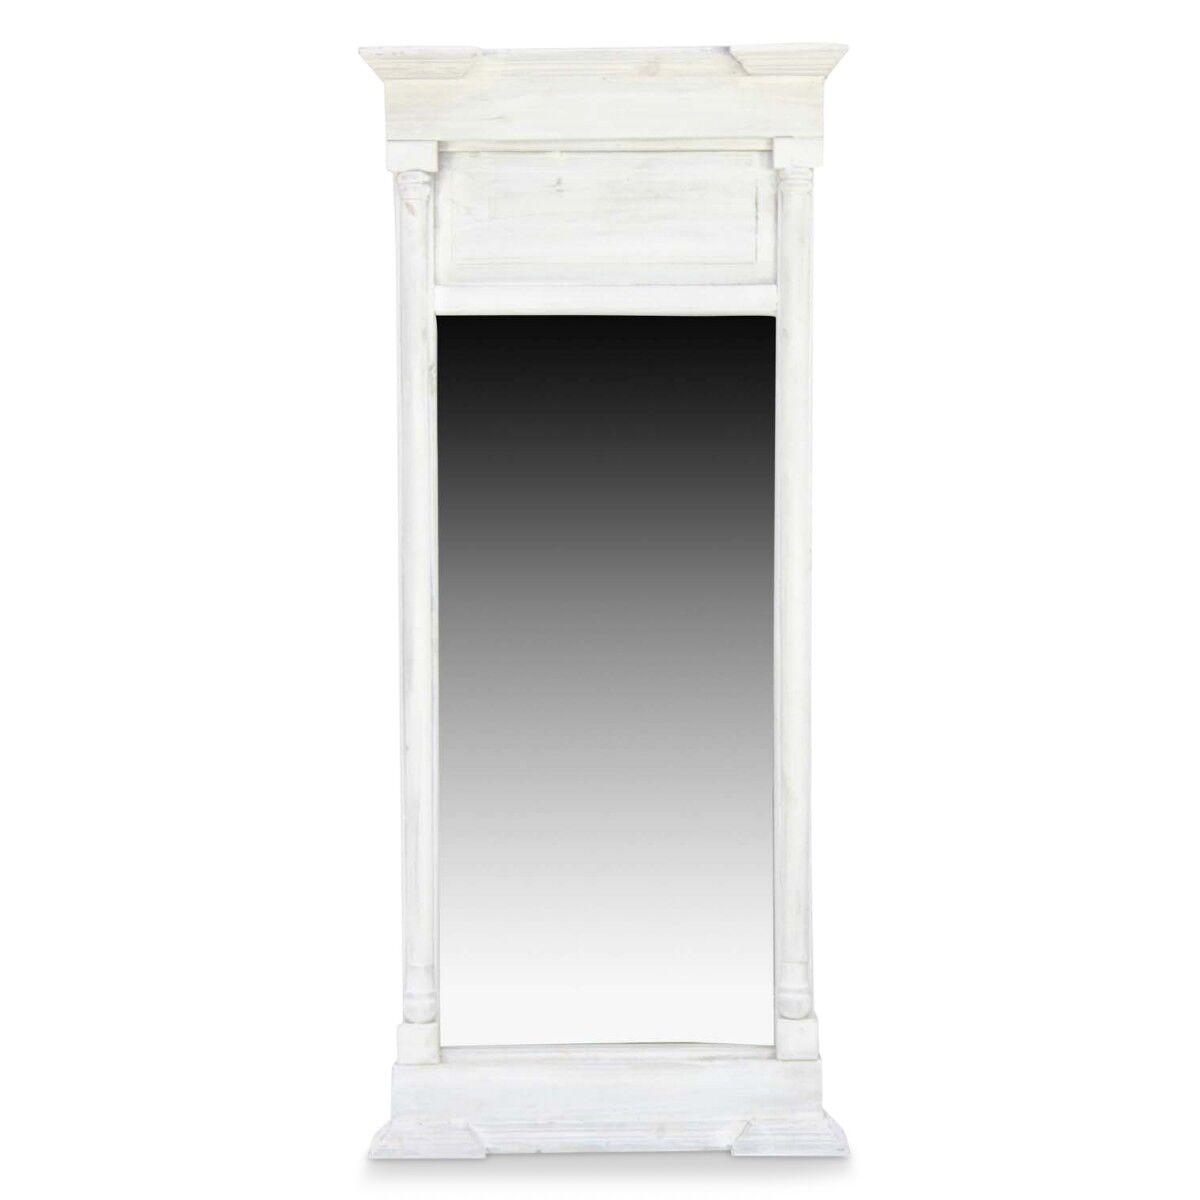 Décoration d'Autrefois Grand Miroir Ancien Rectangulaire Vertical Bois Cerusé Blanc 59x11x136cm